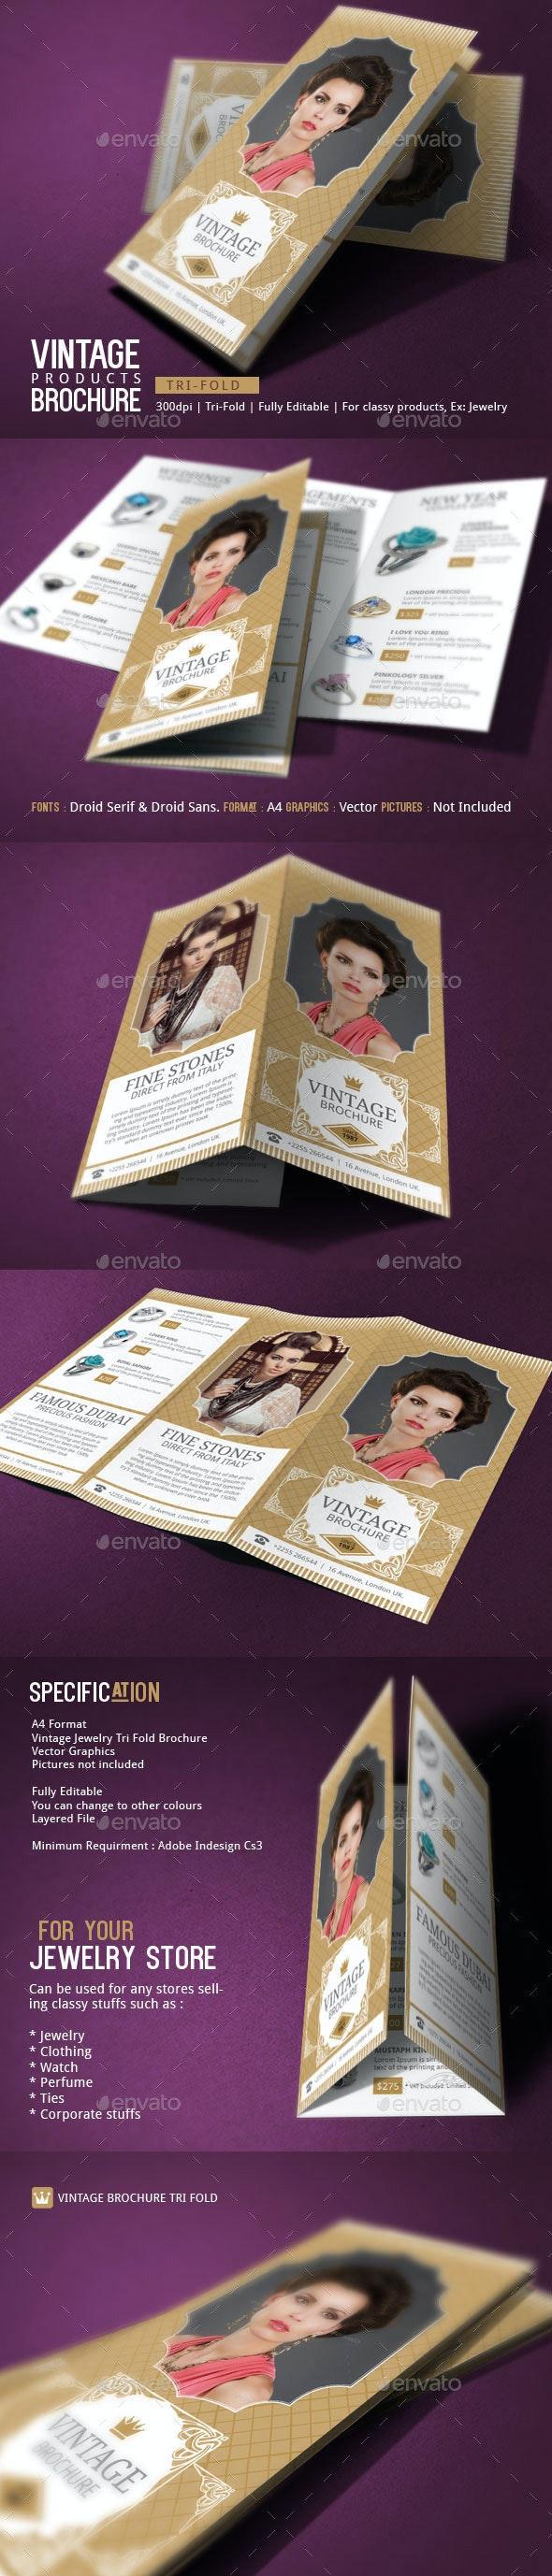 Jewelry Brochure Design - Catalogs Brochures